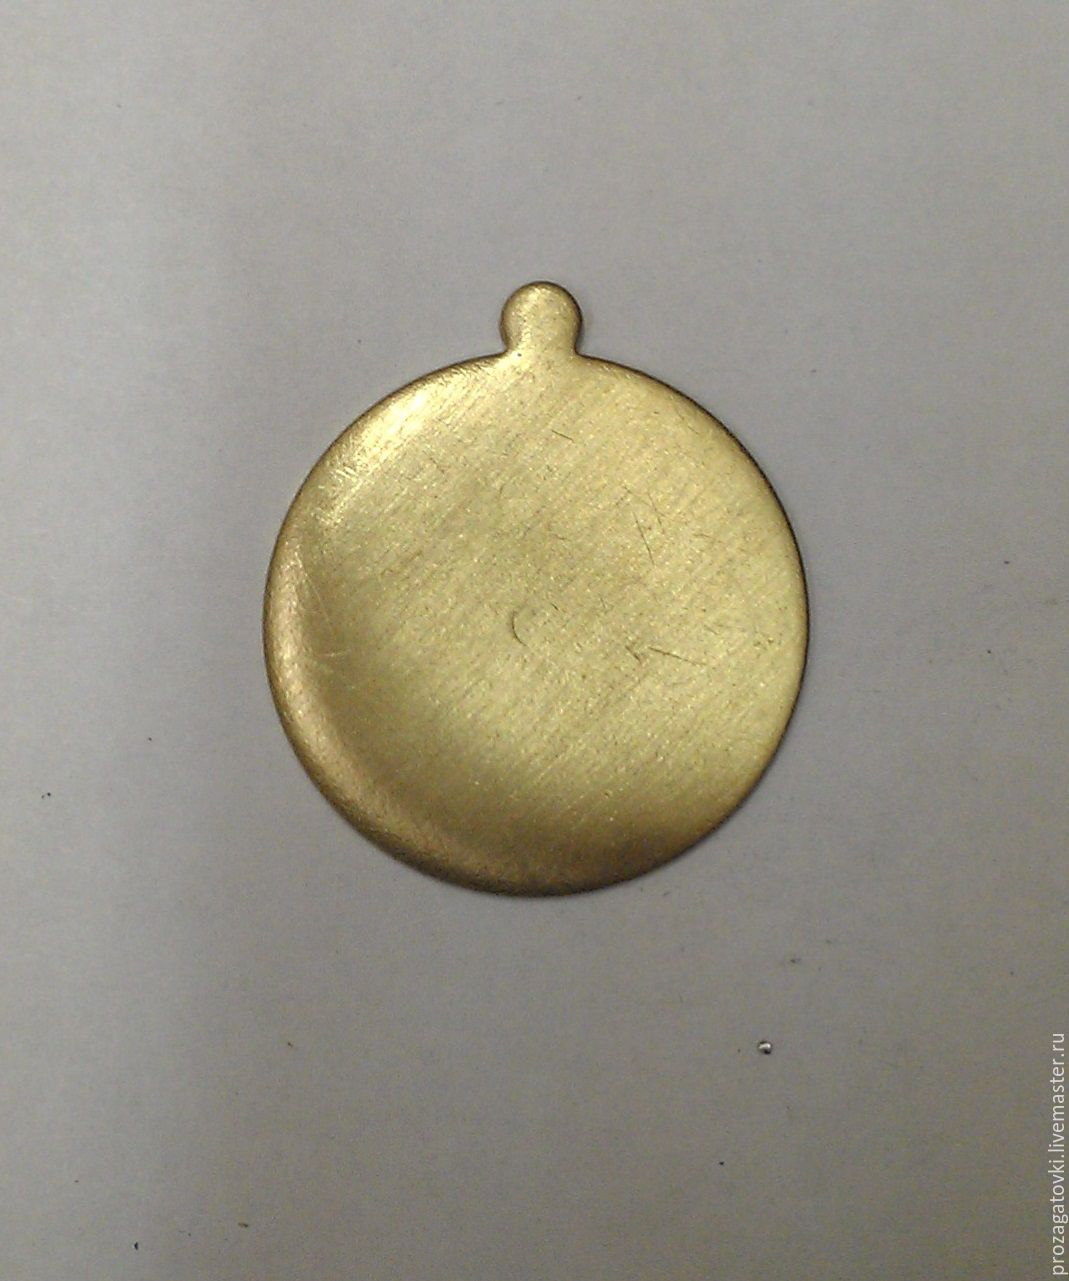 Латунь 30х1 мм, заготовка кулон жетон, золотистый, для творчества. Для украшений ручной работы.